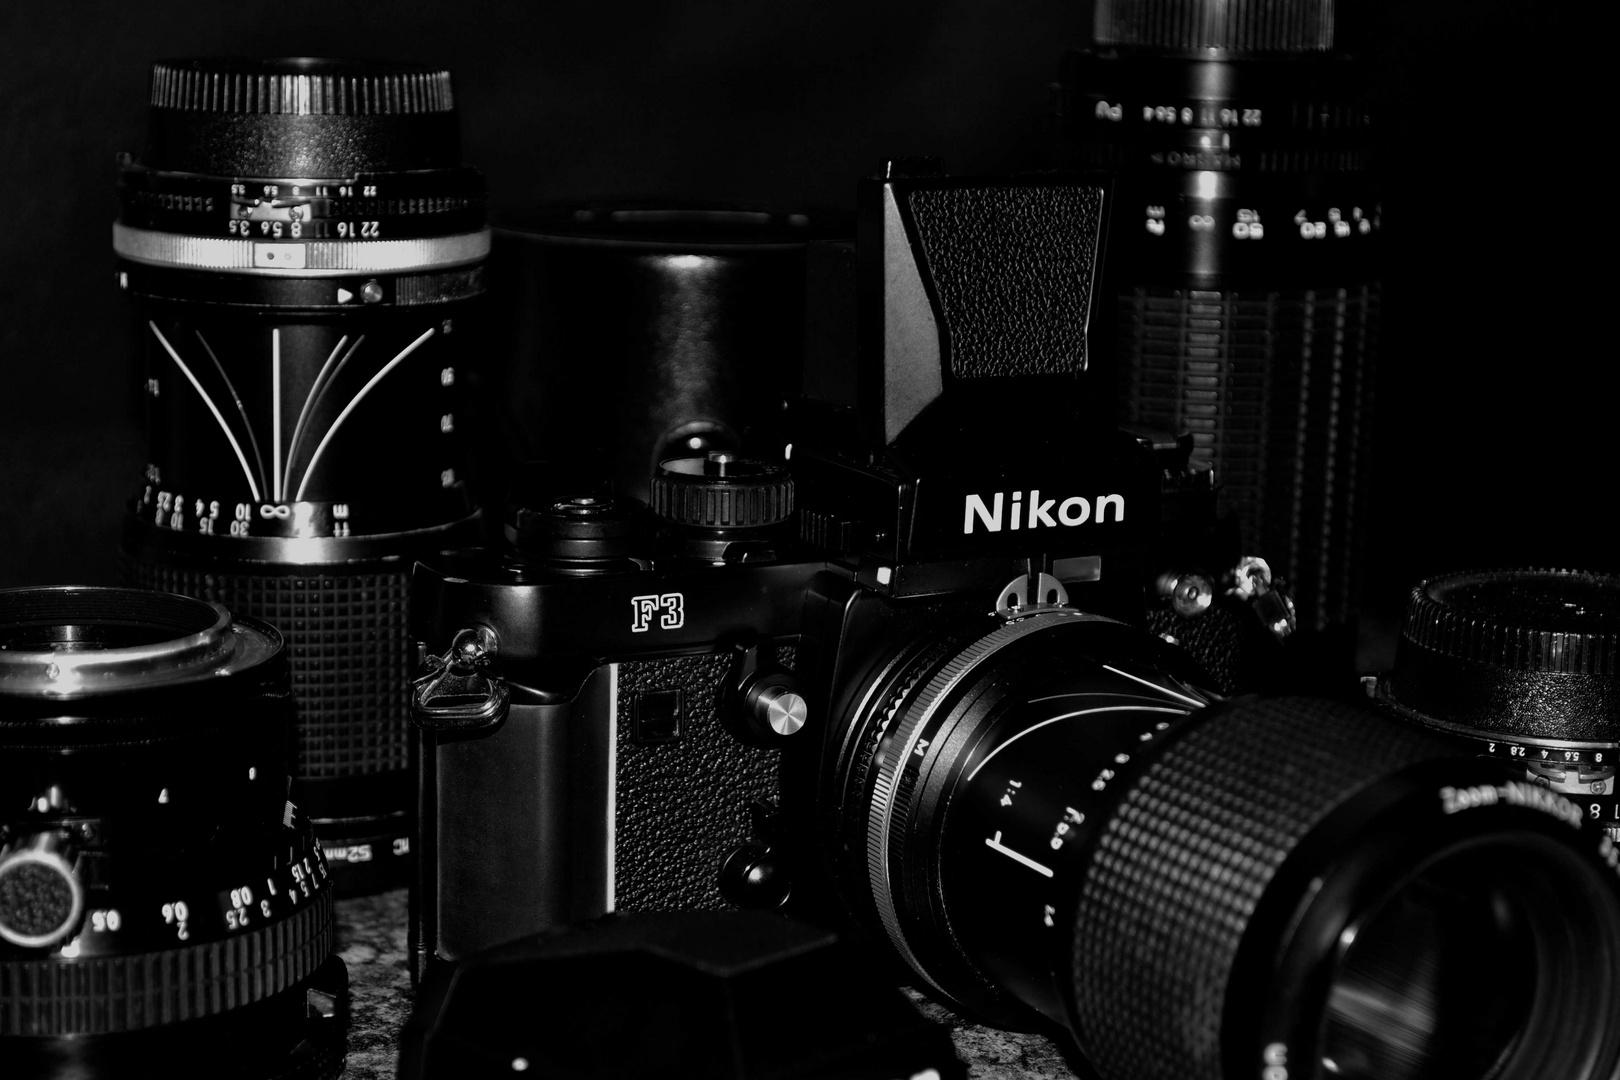 Nikon F3 - Equipment nahezu im Neuzustand von 1985 - 3